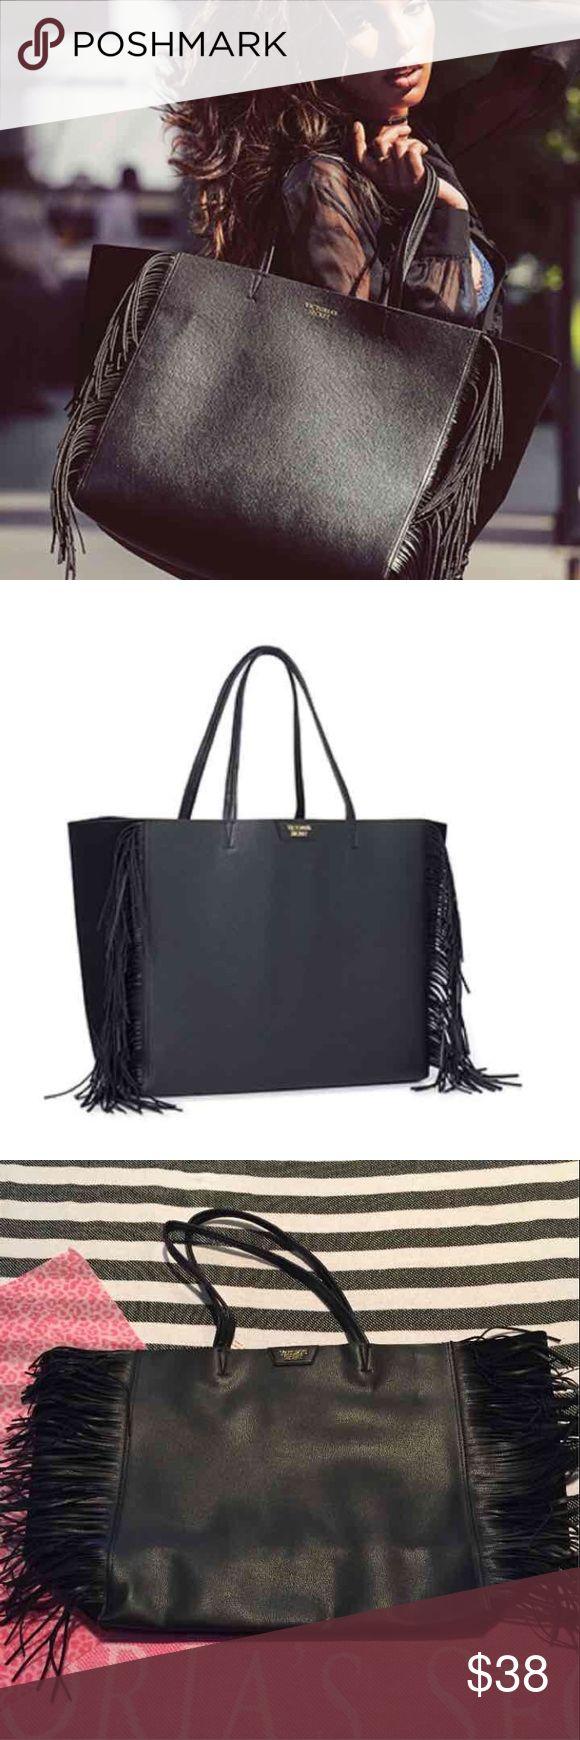 Victoria's Secret large fringe tote bag Nwt Victoria's Secret Bags Shoulder Bags